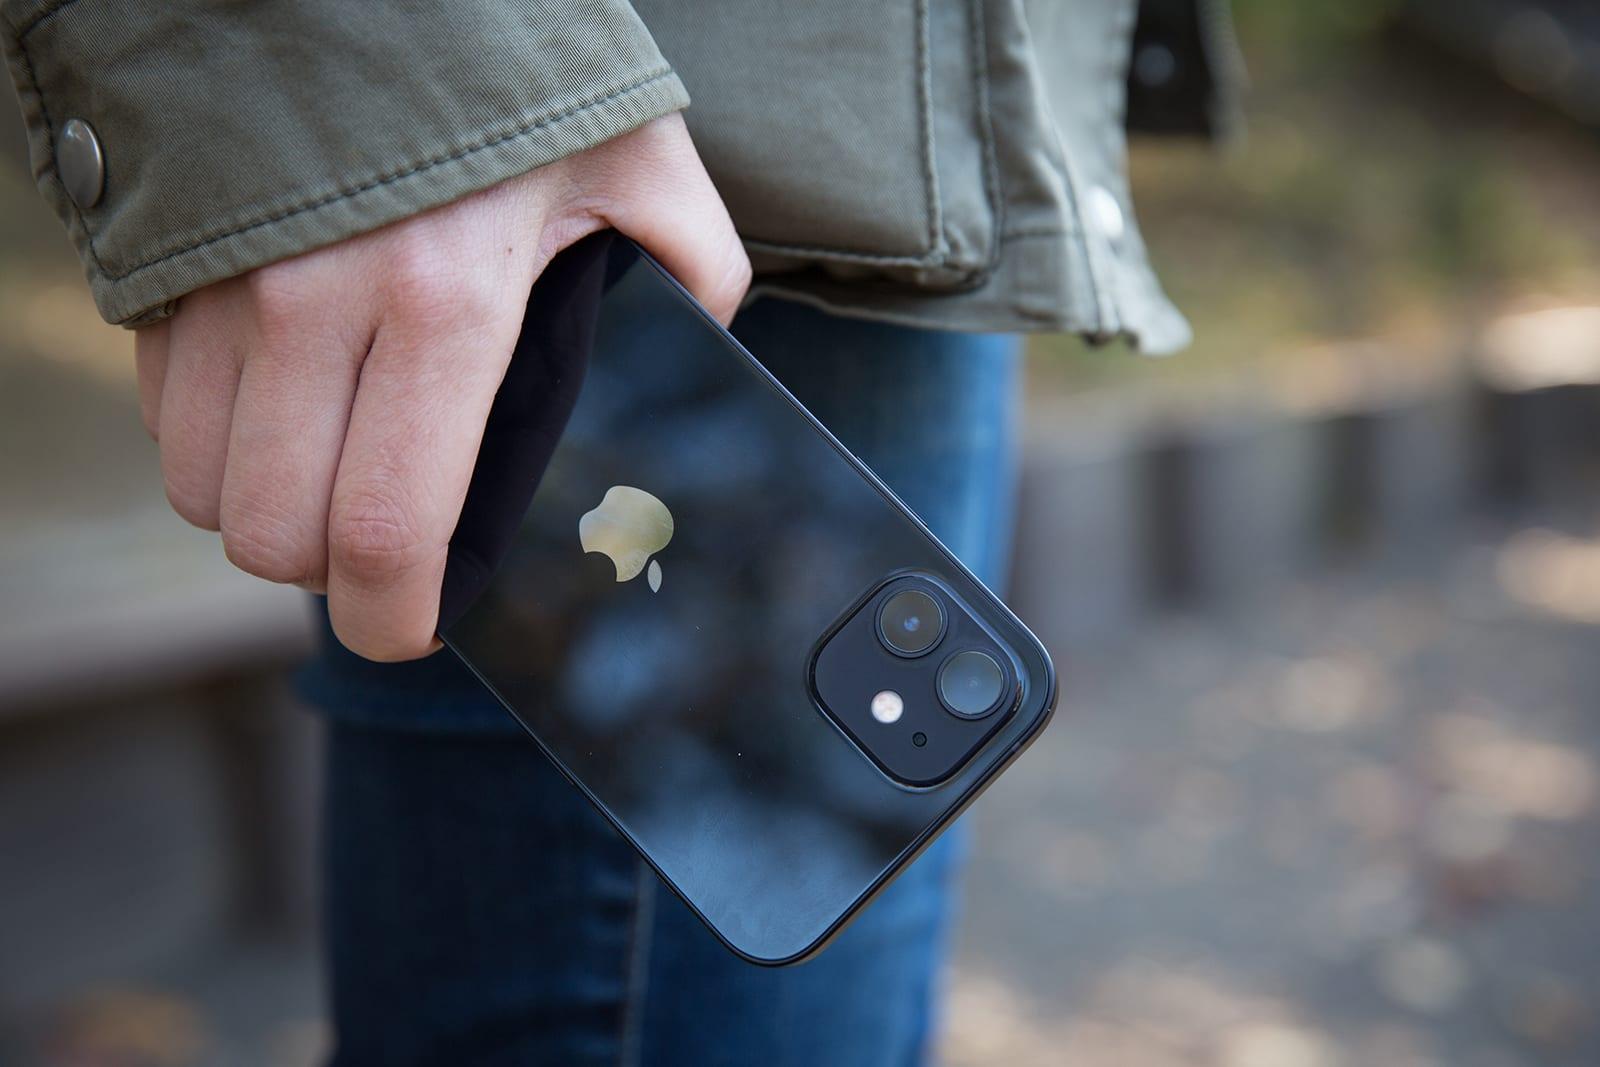 """مبيعات هاتف آيفون 12 تجعل """"آبل"""" أكبر شركة هواتف ذكية في الربع الأخير من 2020"""